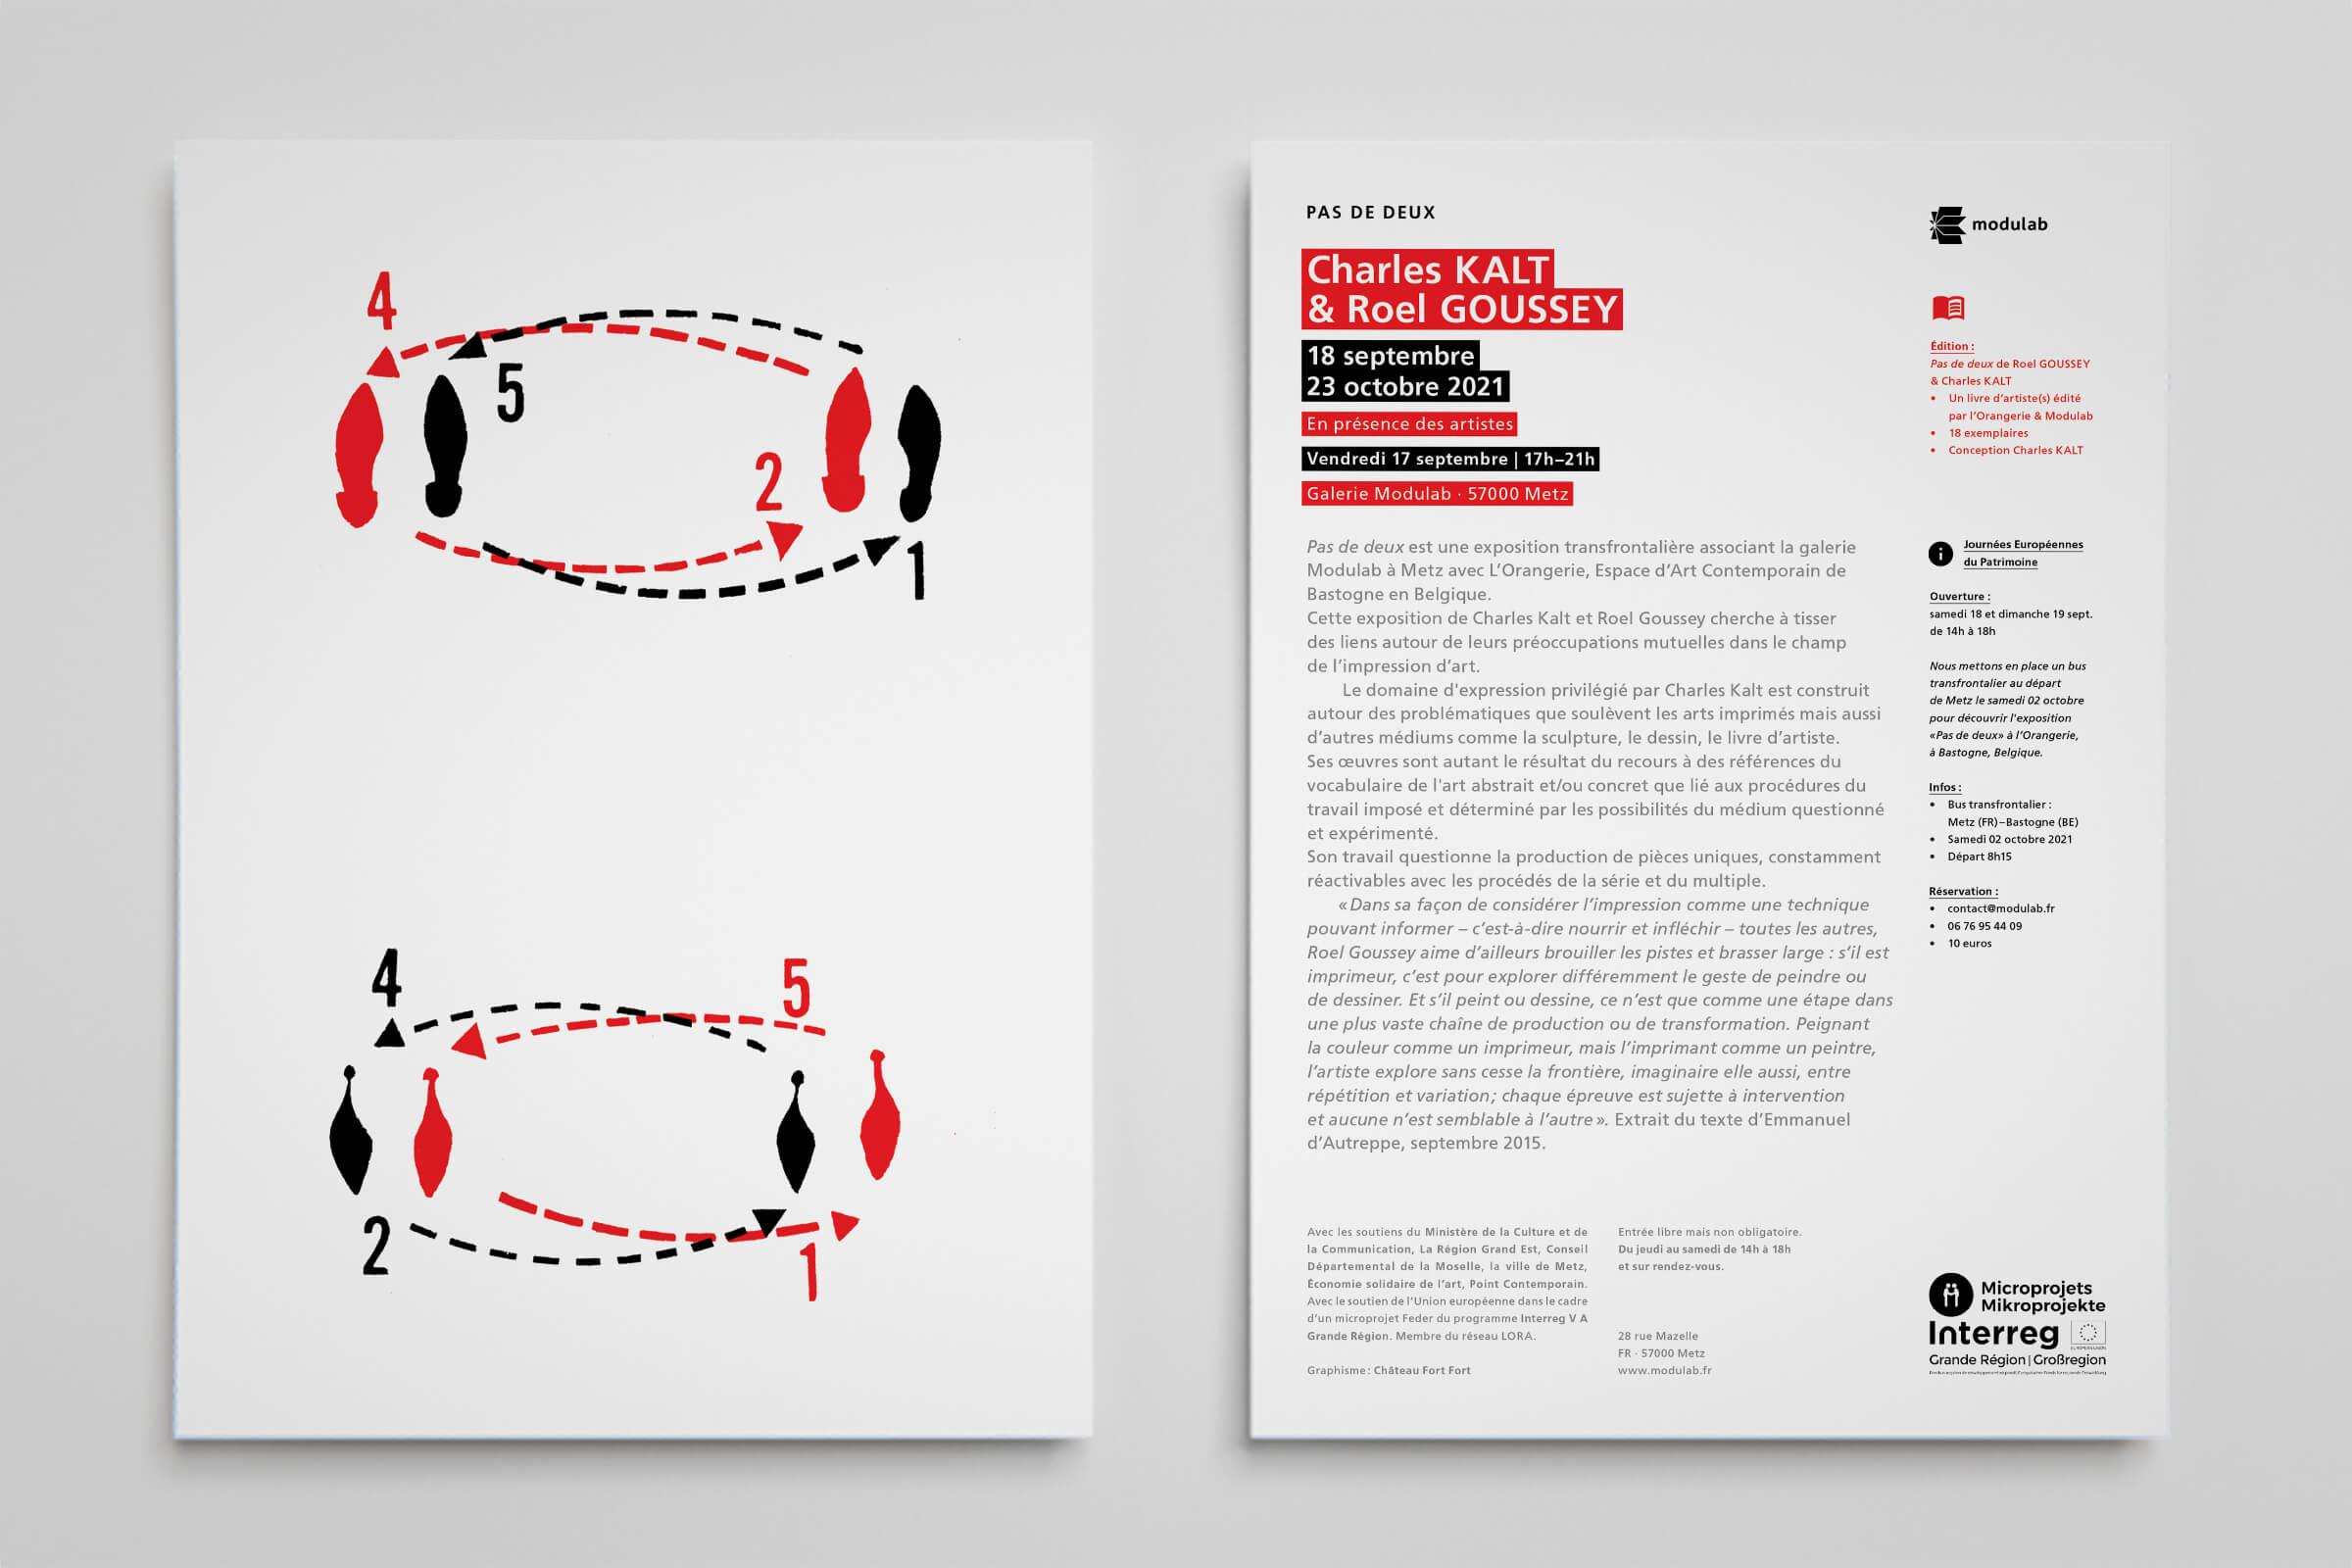 Flyer Modulab - Charles Kalt et Roel Goussey - Pas de deux